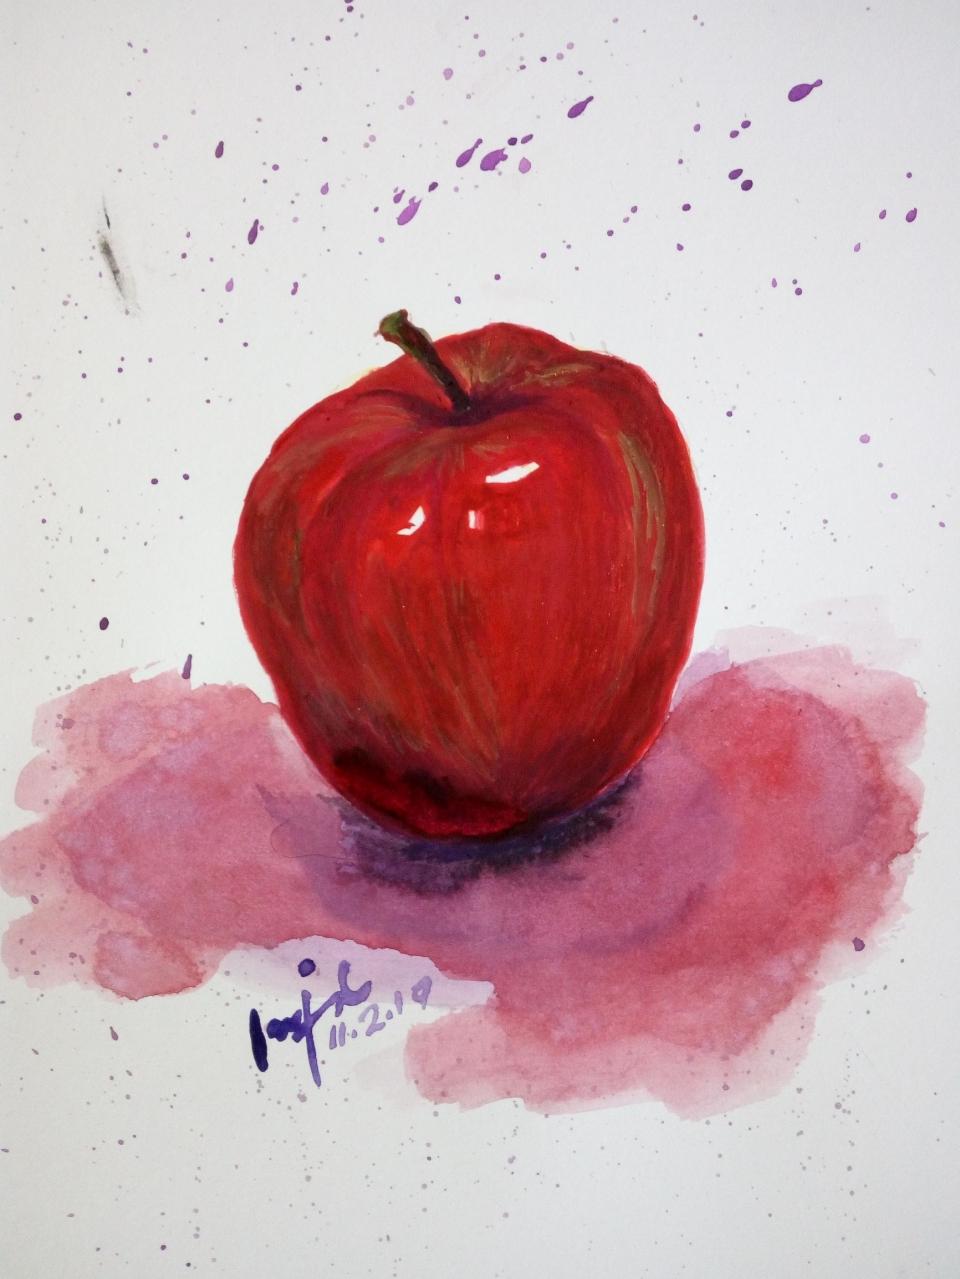 apple merah.-1.jpg